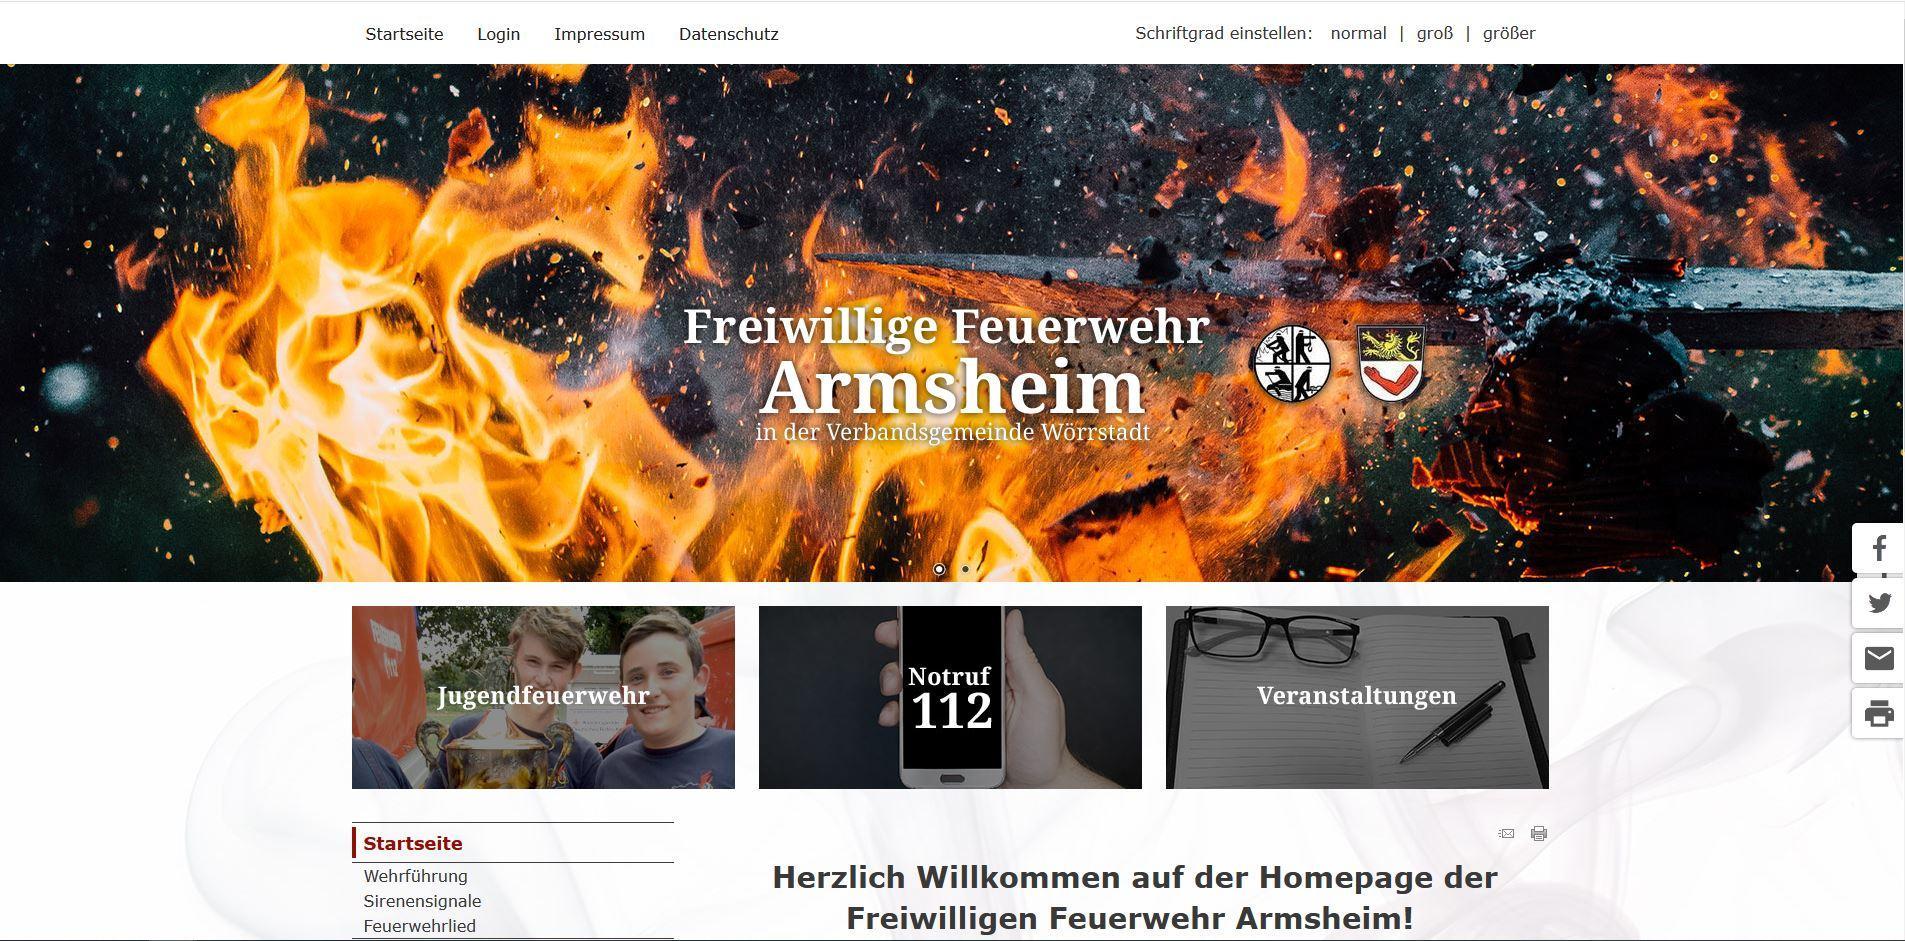 Freiwillige Feuerwehr Arnsheim